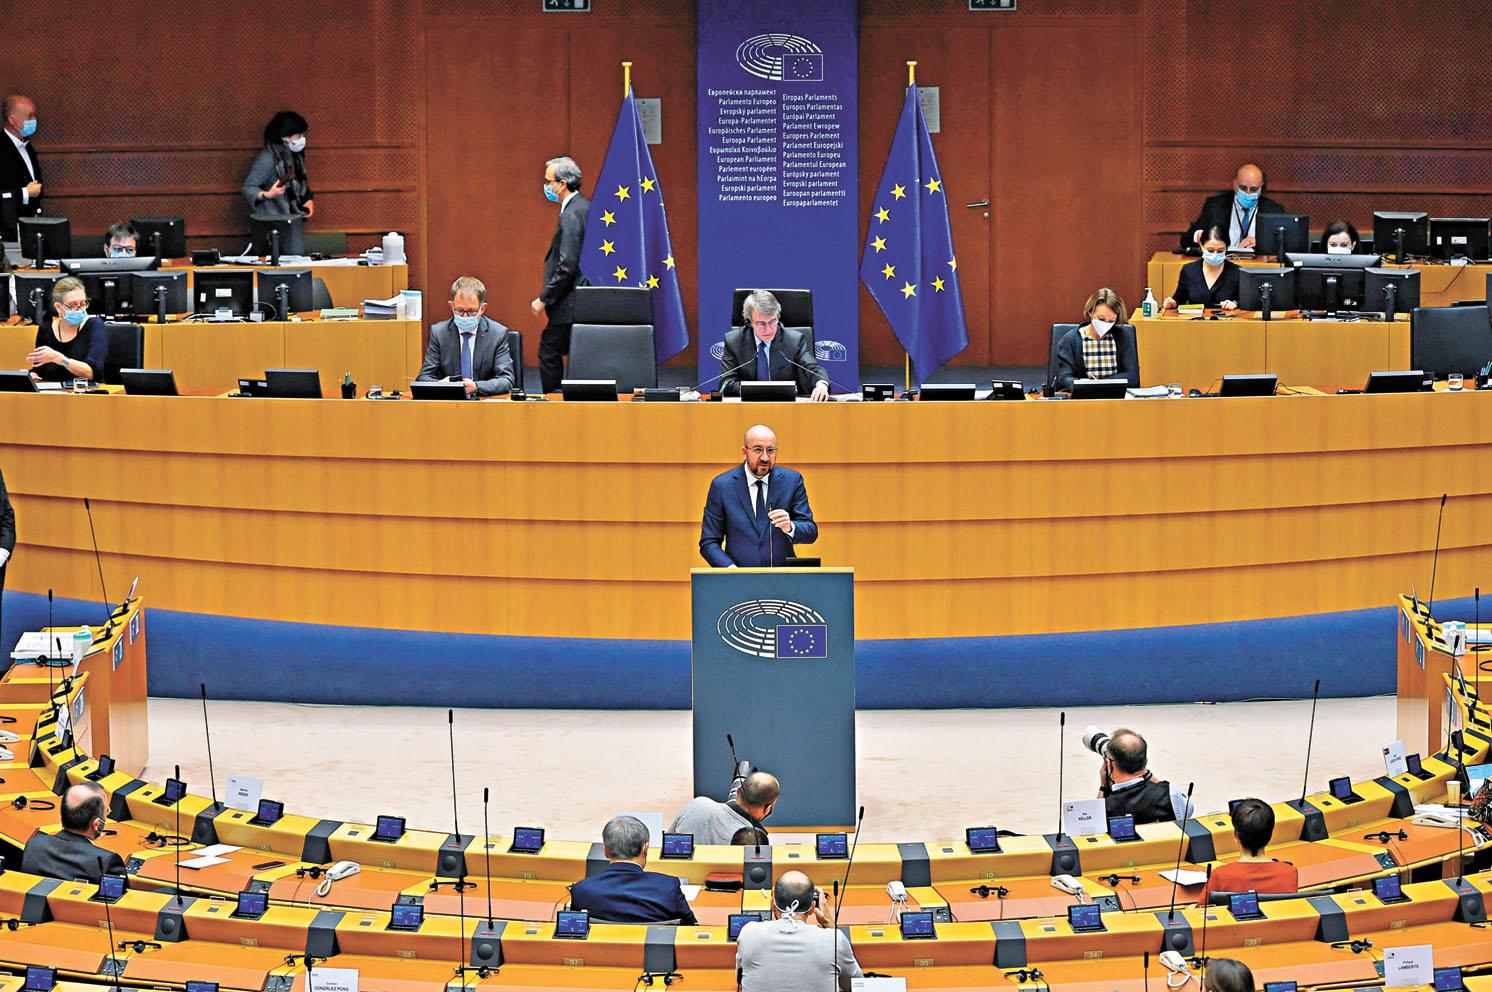 歐洲議會21日通過涉港議案,中方表示強烈譴責。圖為歐洲理事會主席在歐洲議會上致辭。法新社